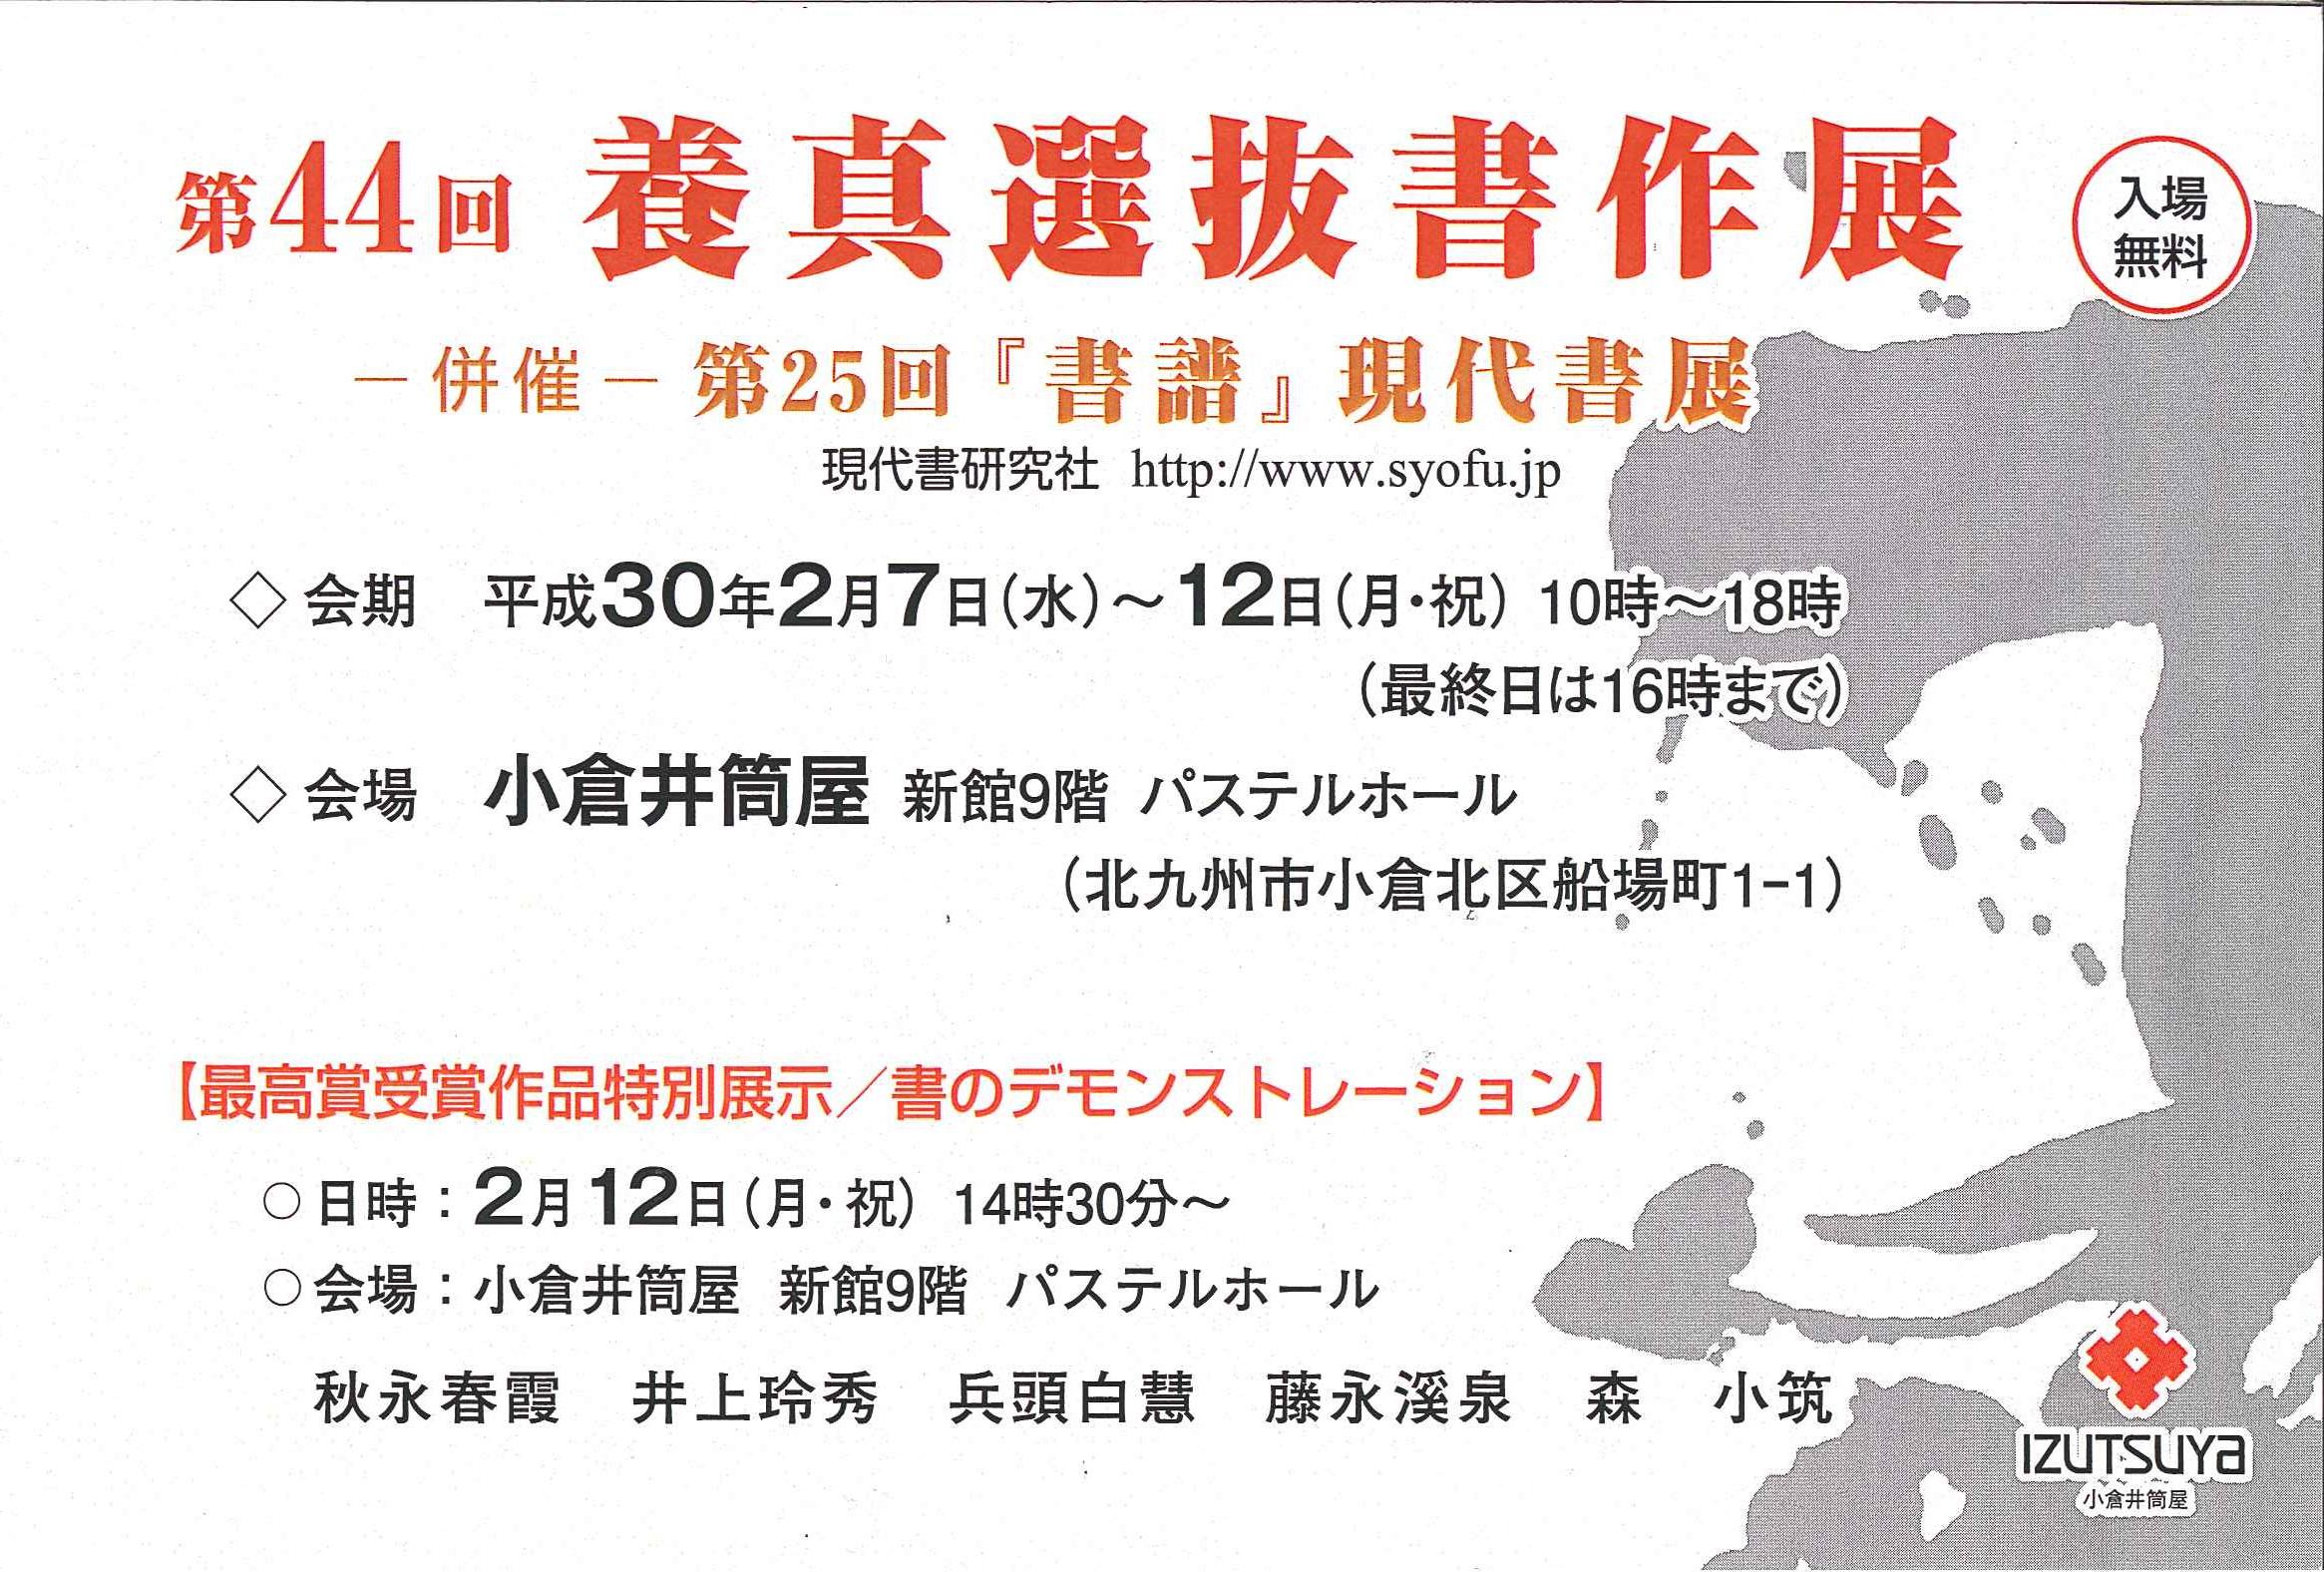 http://www.sogen.or.jp/letter/2018/01/21/20180121212618358_0002.jpg